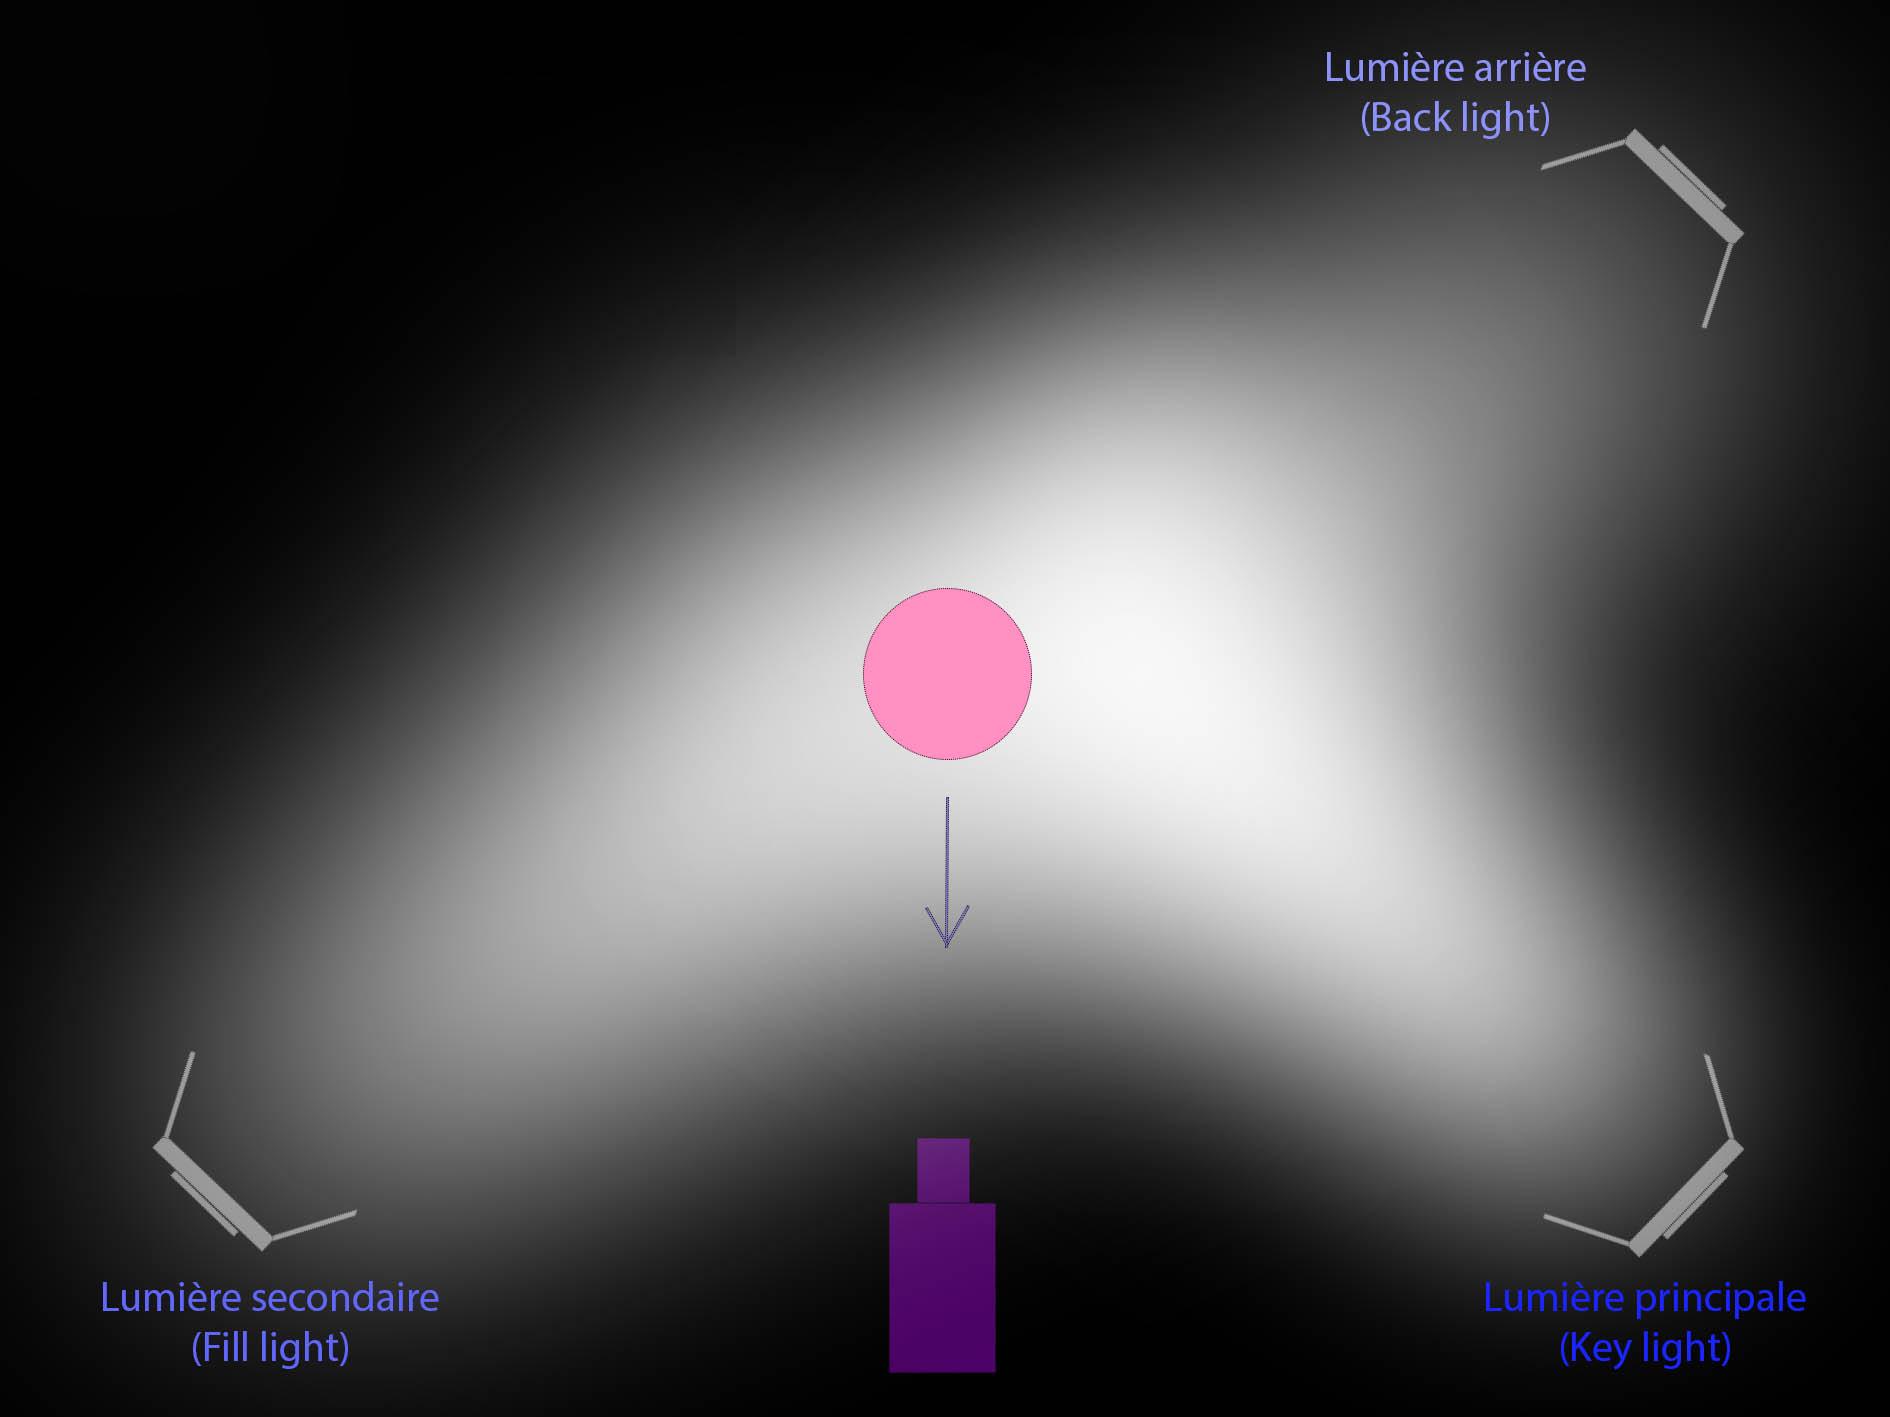 schéma des 3 points de lumière pour un éclairage vidéo